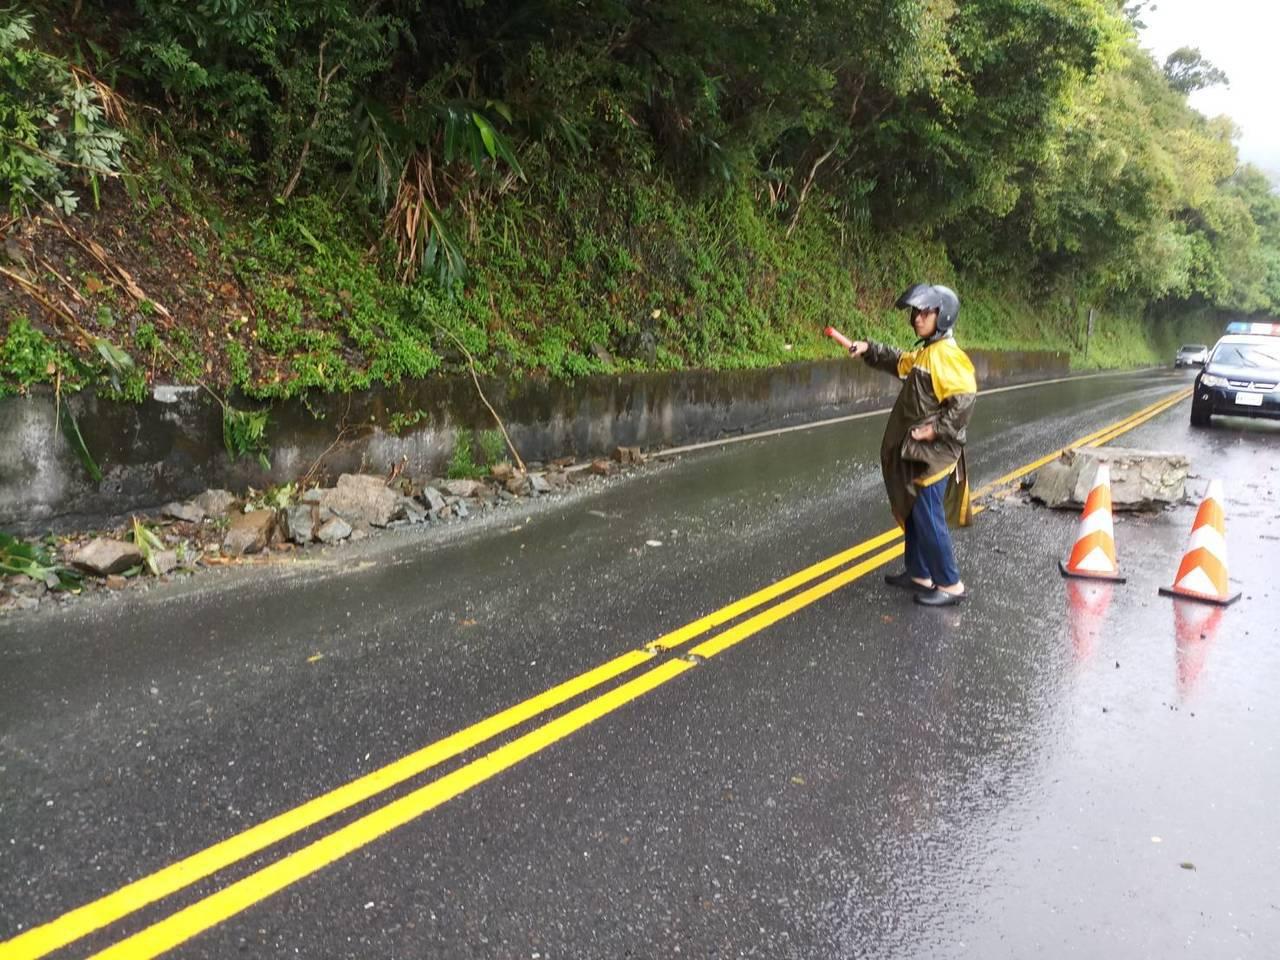 利奇馬颱風來襲,交通部公路總局第四區養護工程處宣布,將視風雨狀況,宜蘭山區省道公...